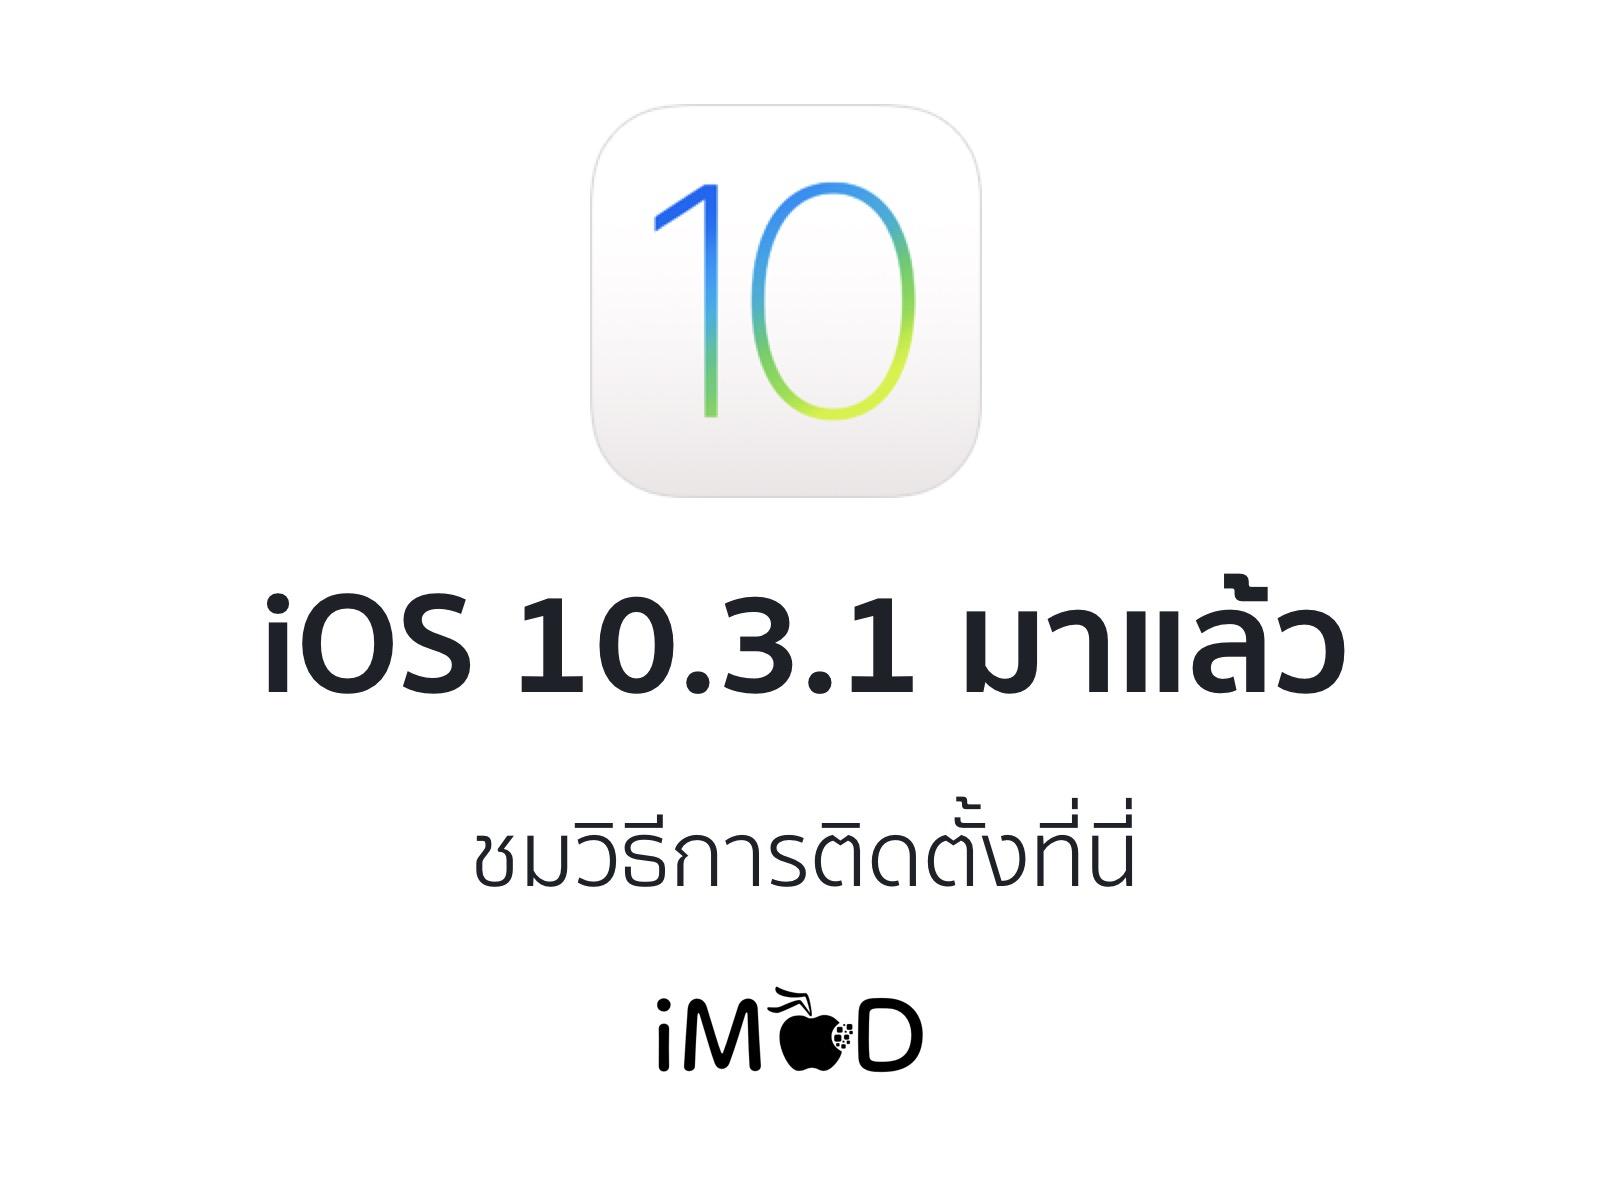 Apple ปล่อย iOS 10.3.1 ให้อัปเดตแล้ววันนี้ ชมวิธีการได้ที่นี่